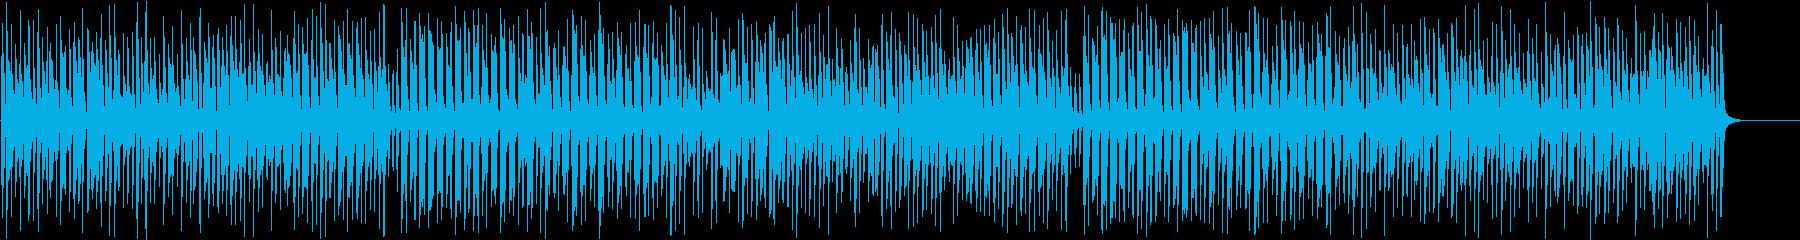 ハイホーを陽気なジプシージャズにの再生済みの波形